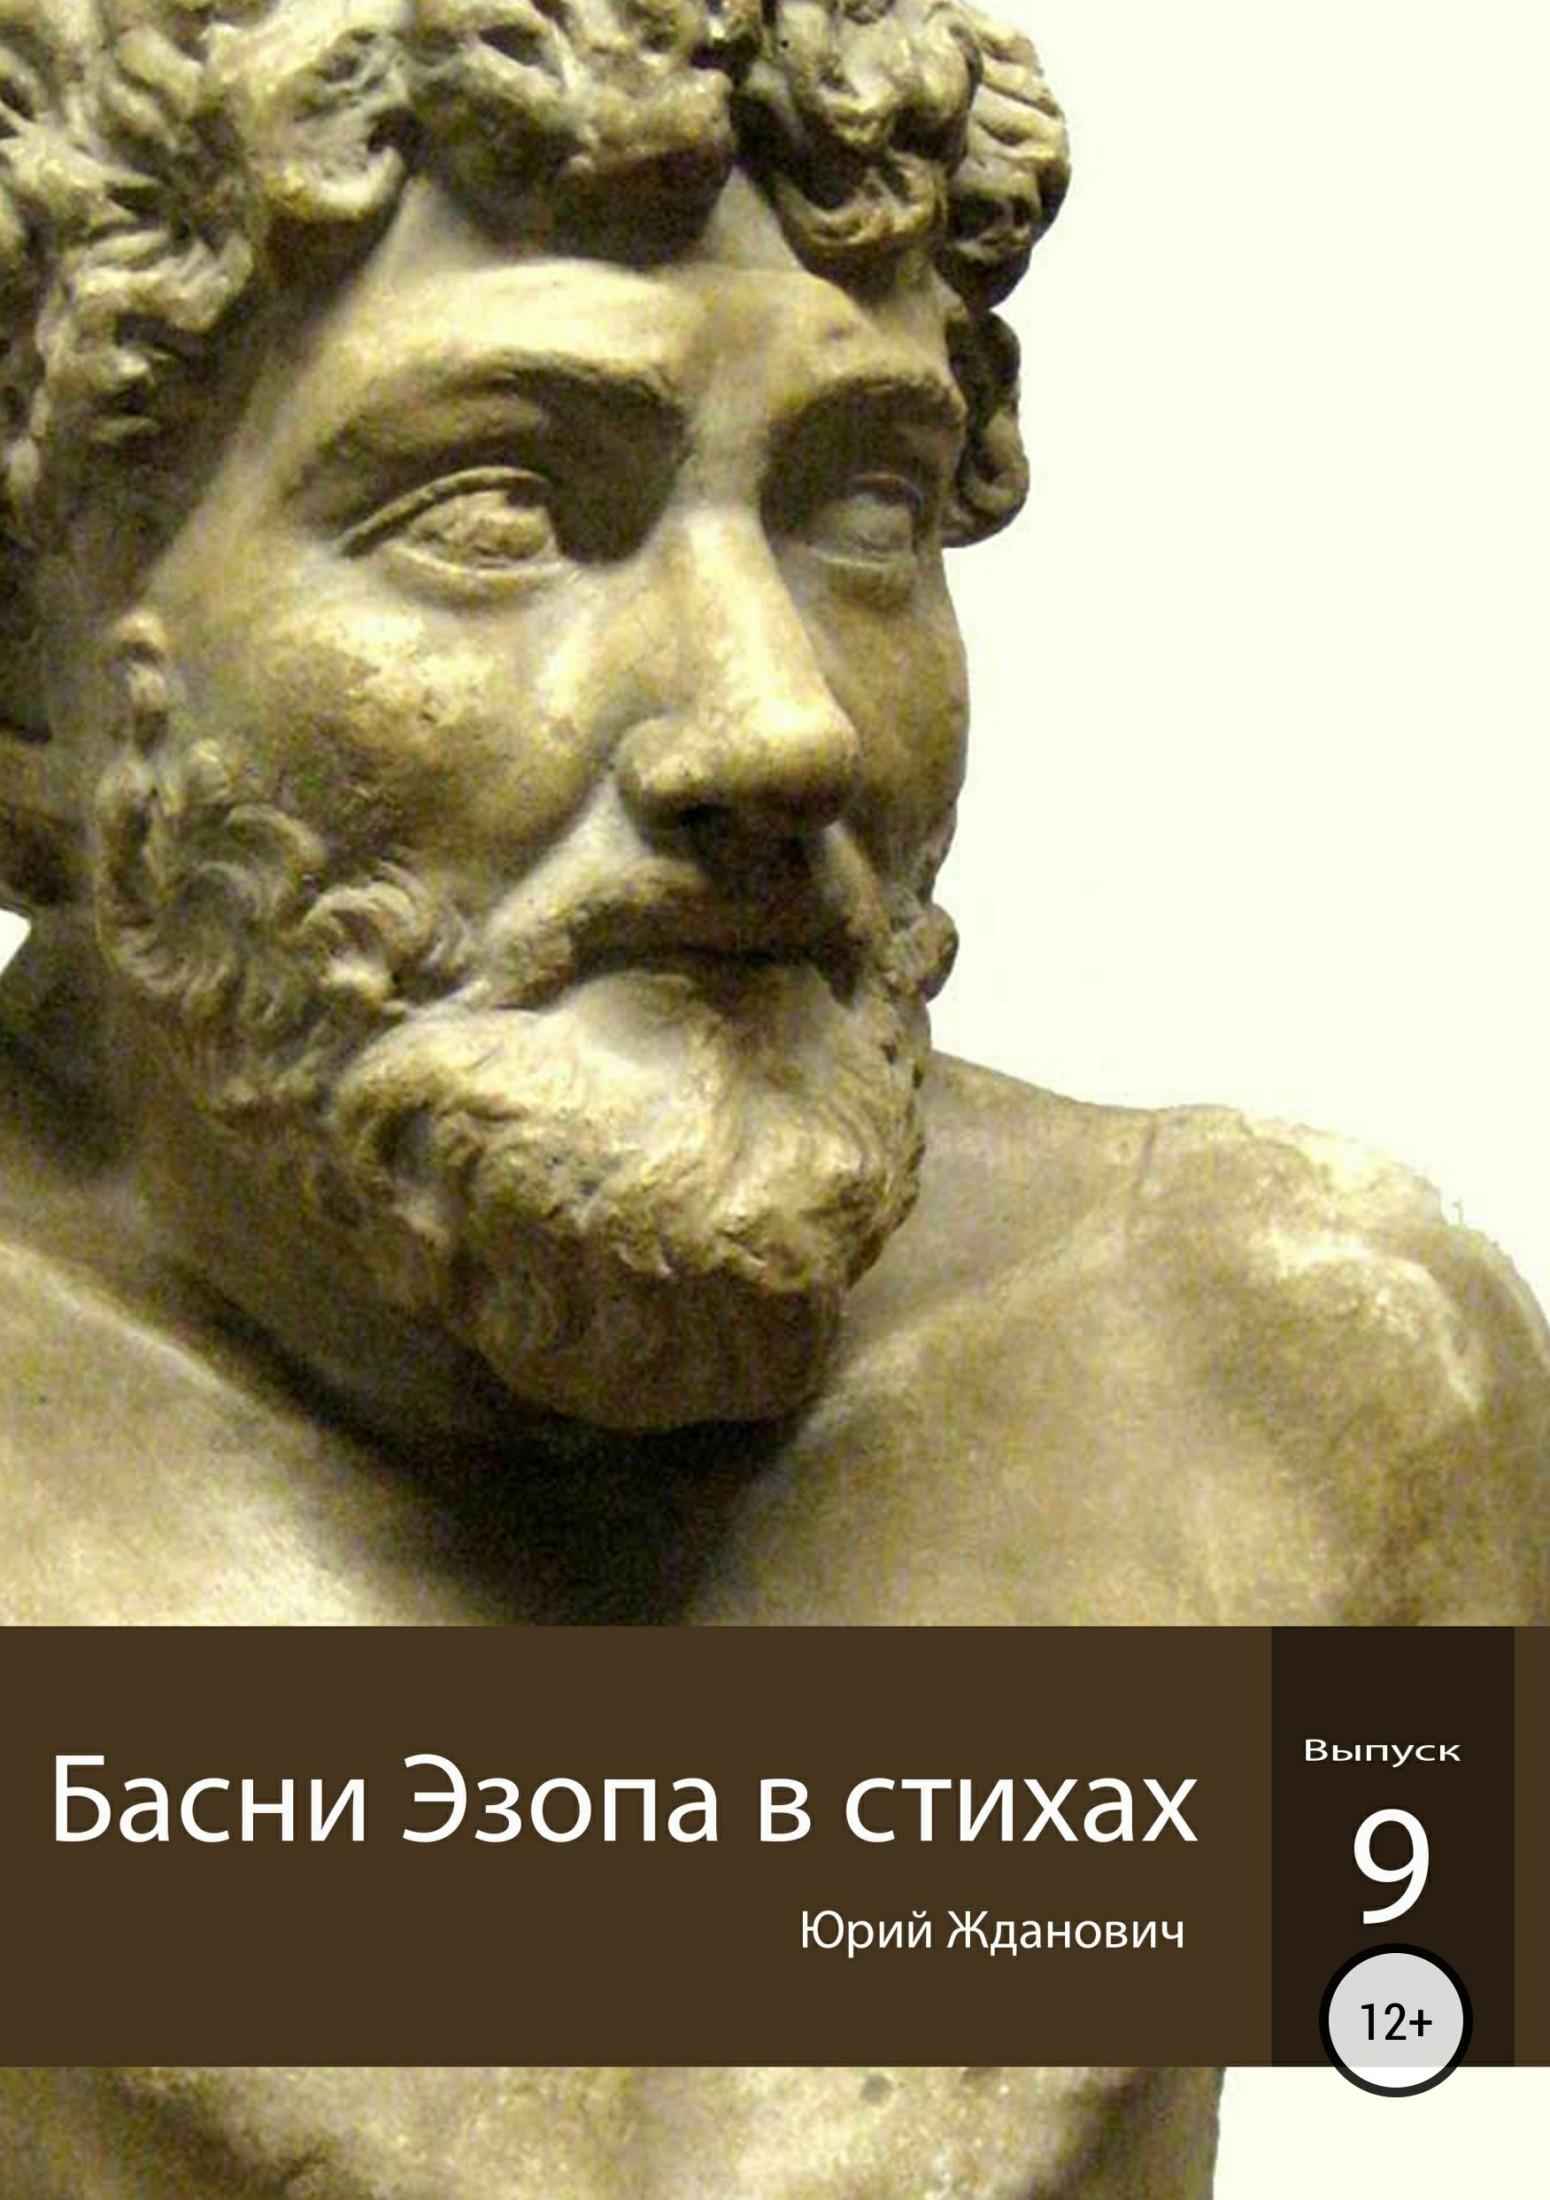 Юрий Михайлович Жданович Басни Эзопа в стихах. Выпуск 9